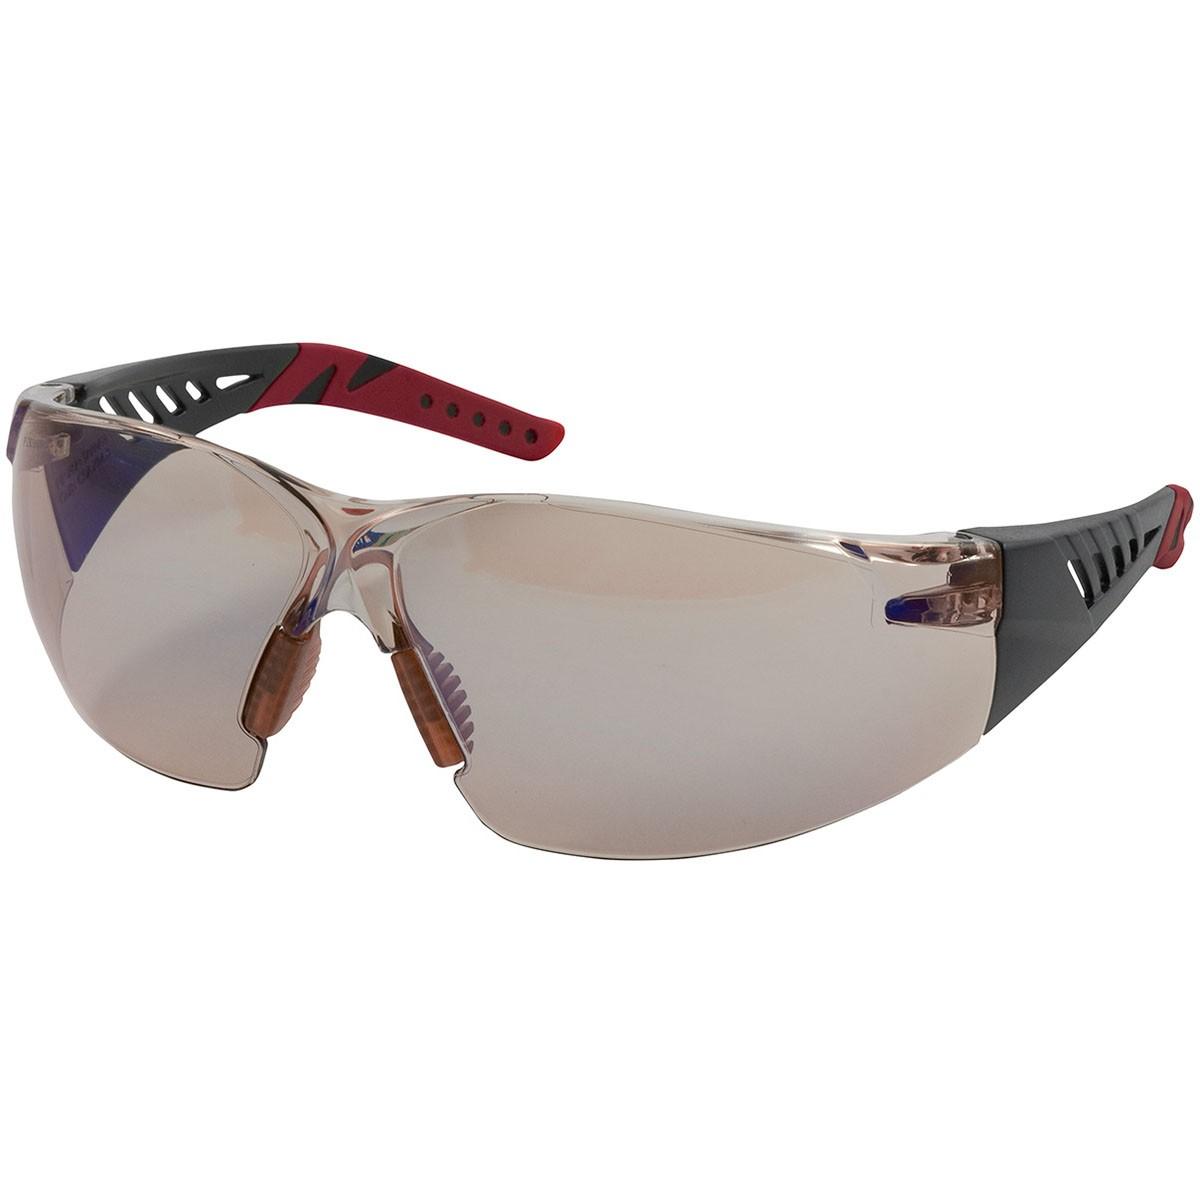 Vision Source Glasses Frames : Bouton 250-36-0226 Q-Vision Safety Glasses - Black ...